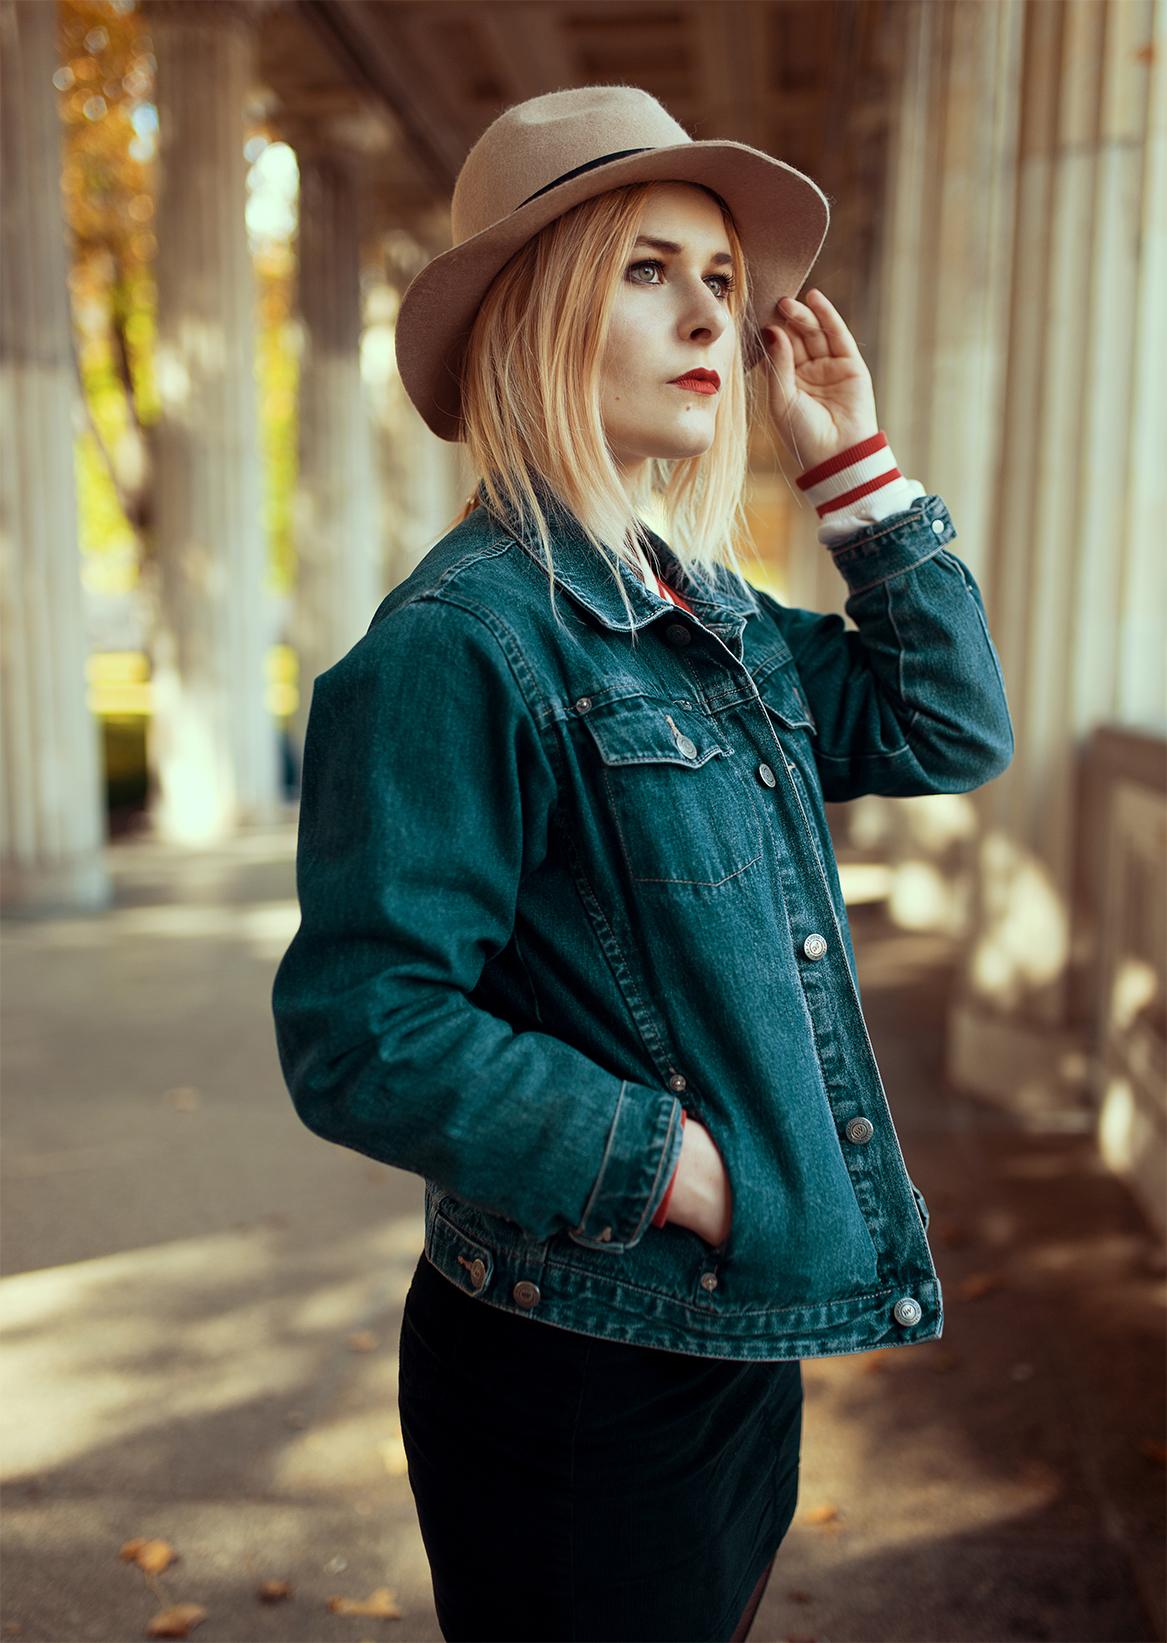 Herbst Outfit mit Jeansjacke und braunem Hut